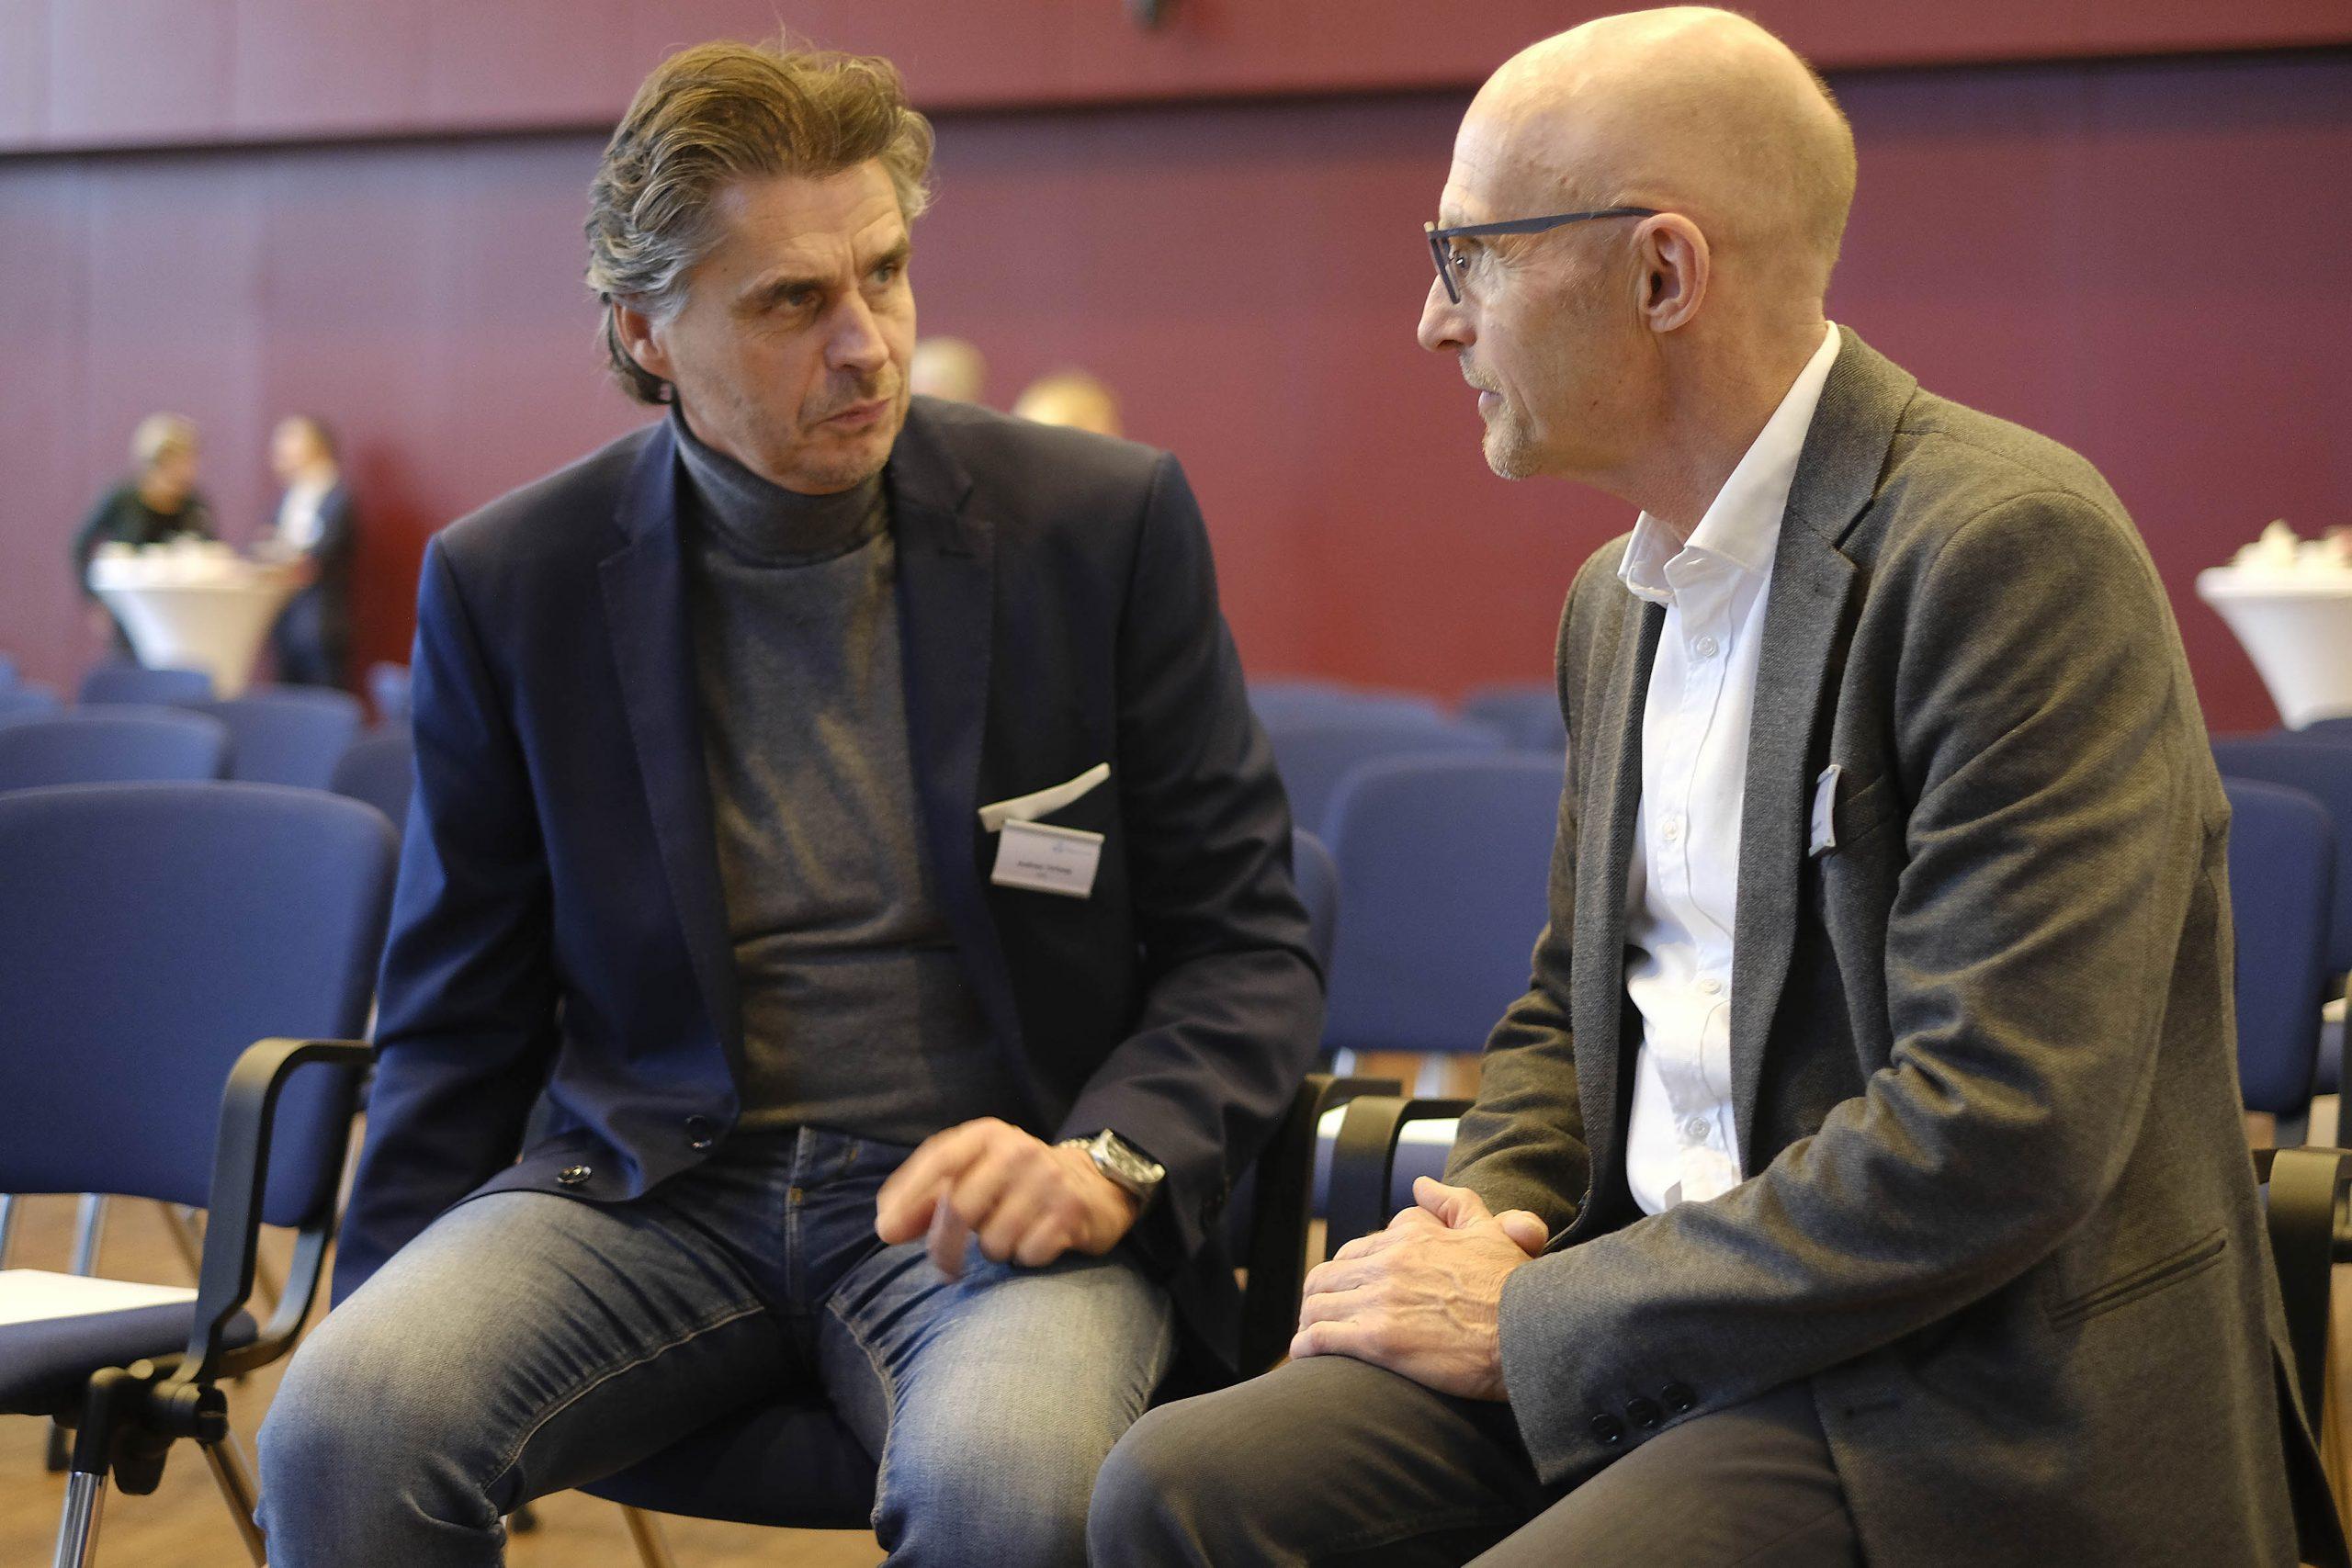 Politik: Andreas Terhaag, sportpolitischer Sprecher FDP-Fraktion im NRW-Landtag